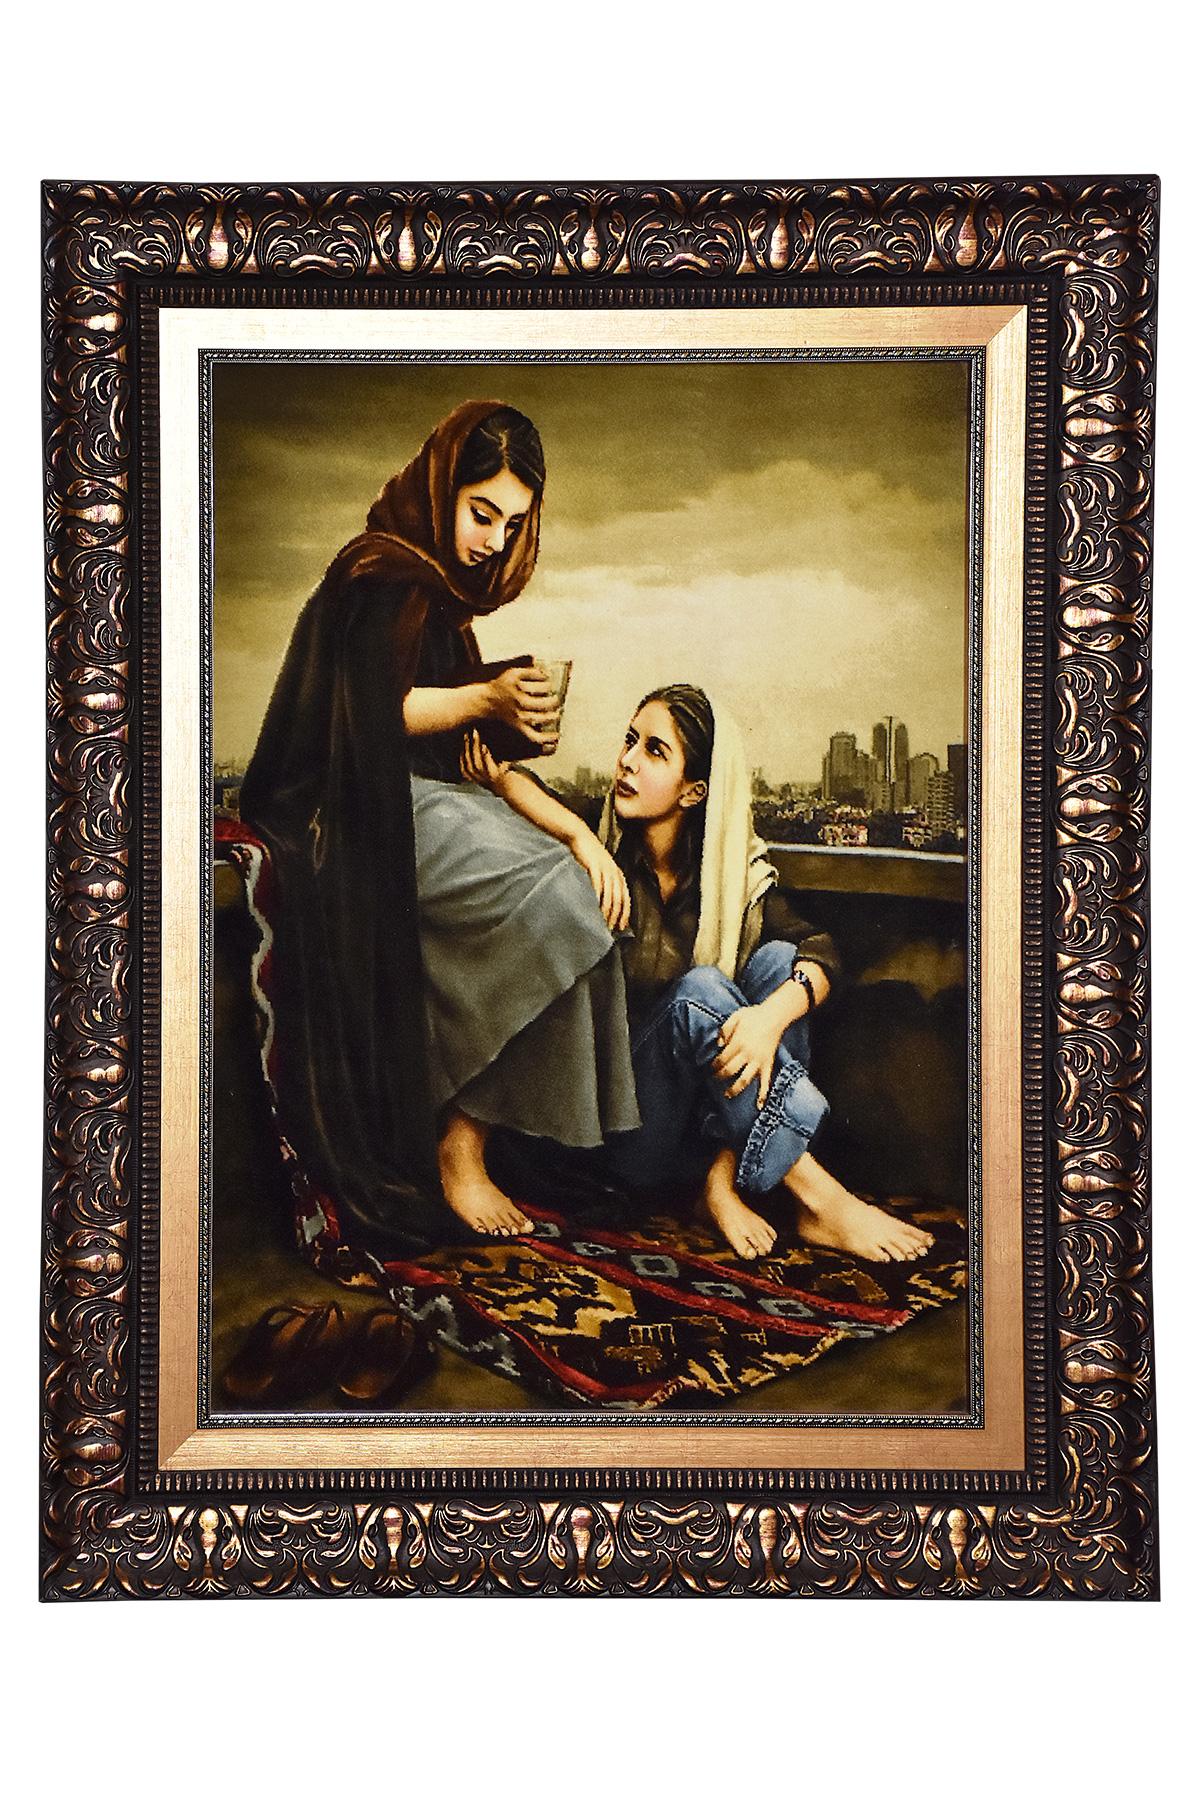 تابلو فرش دستباف دو خواهر و فال حافظ